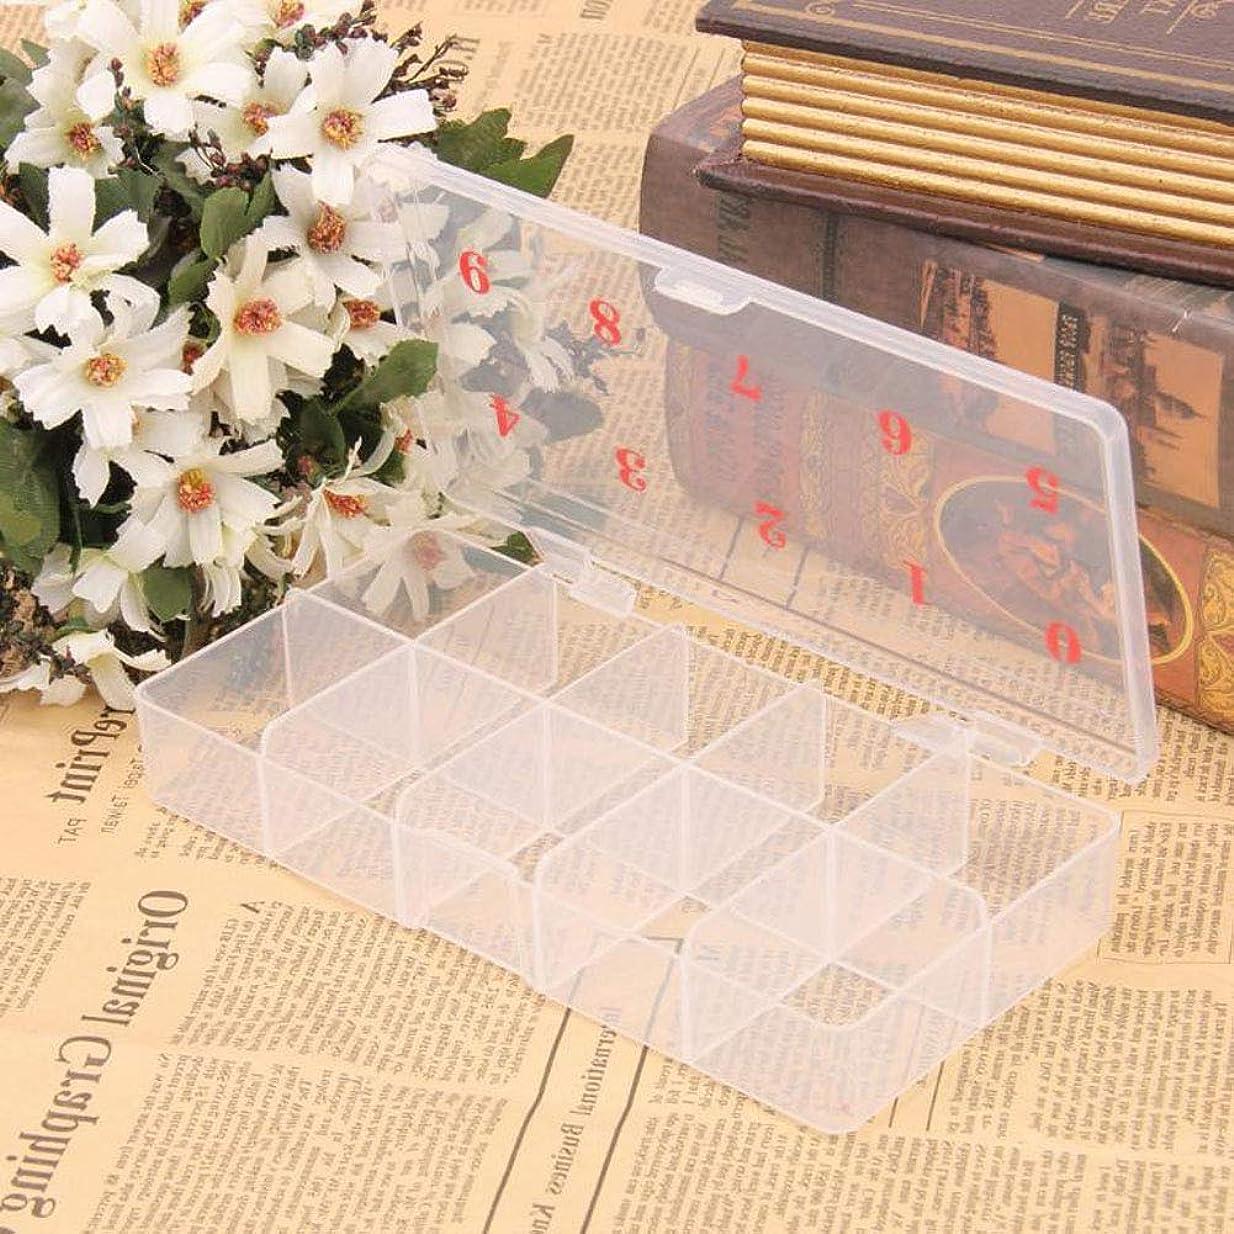 歌クレアヘッジslQinjiansavネイルアート&ツール収納コンテナ10グリッド番号プラスチックフェイクネイルチップ収納ケースボックスコンテナオーガナイザー